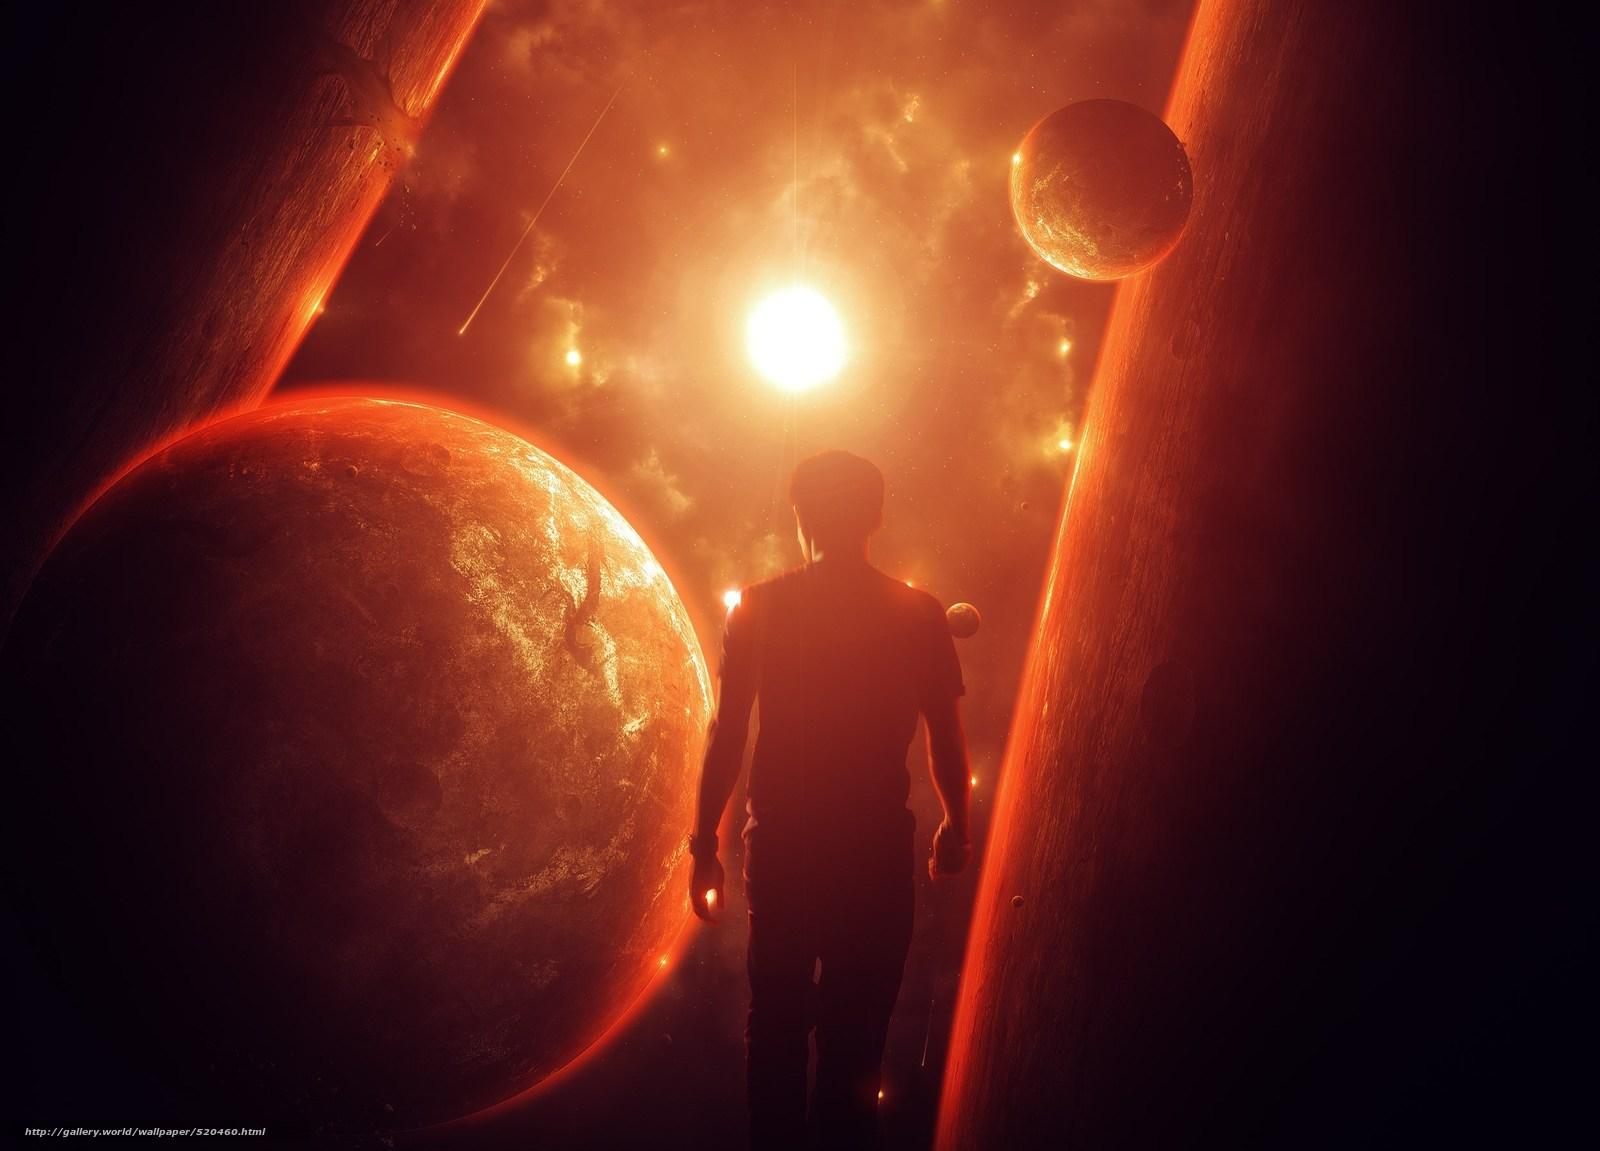 Скачать обои мужчина,  солнце,  планеты,  космос бесплатно для рабочего стола в разрешении 2500x1799 — картинка №520460